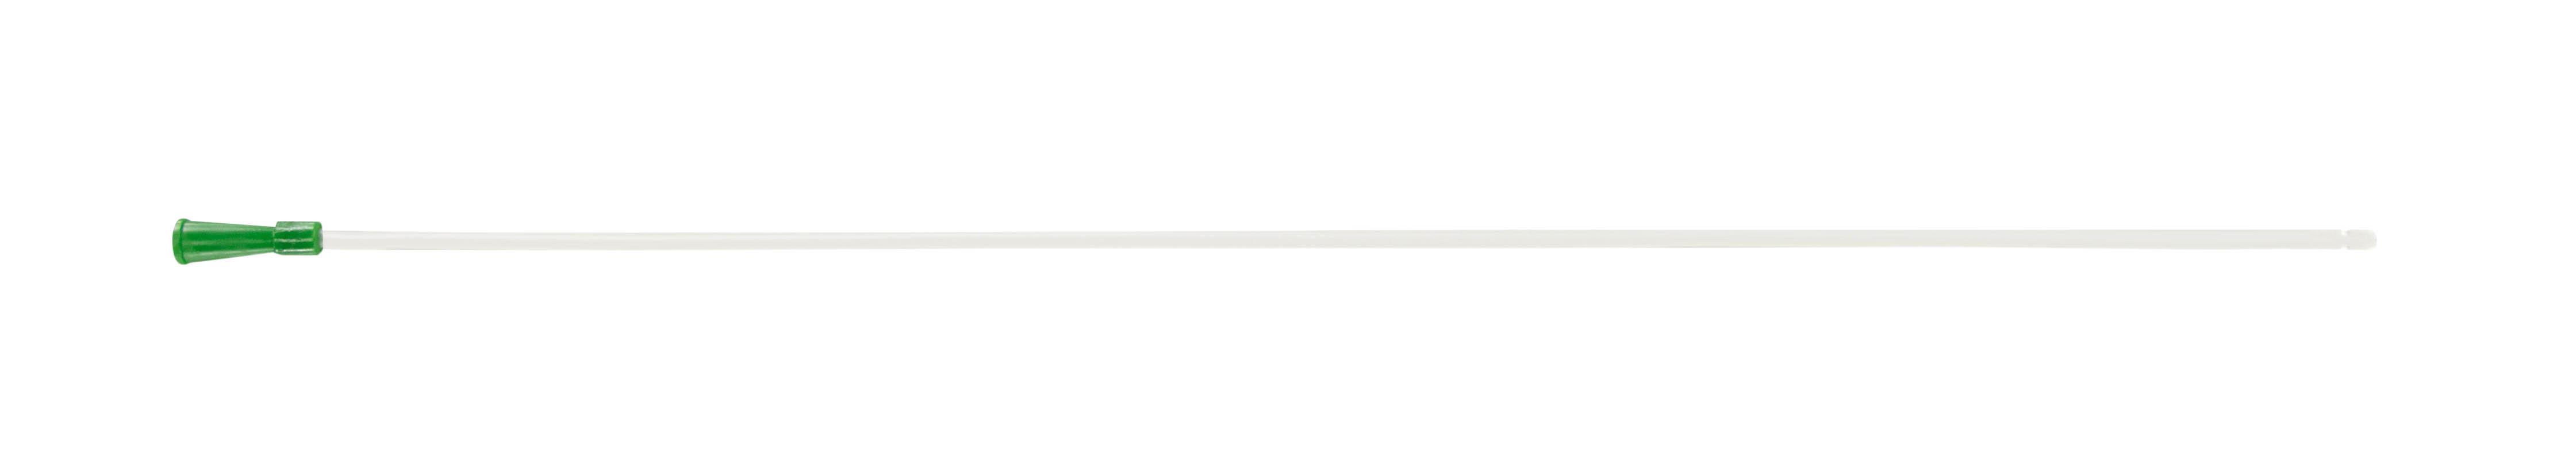 Absaugkatheter, CH 14, grün, gerade - 100 Stück